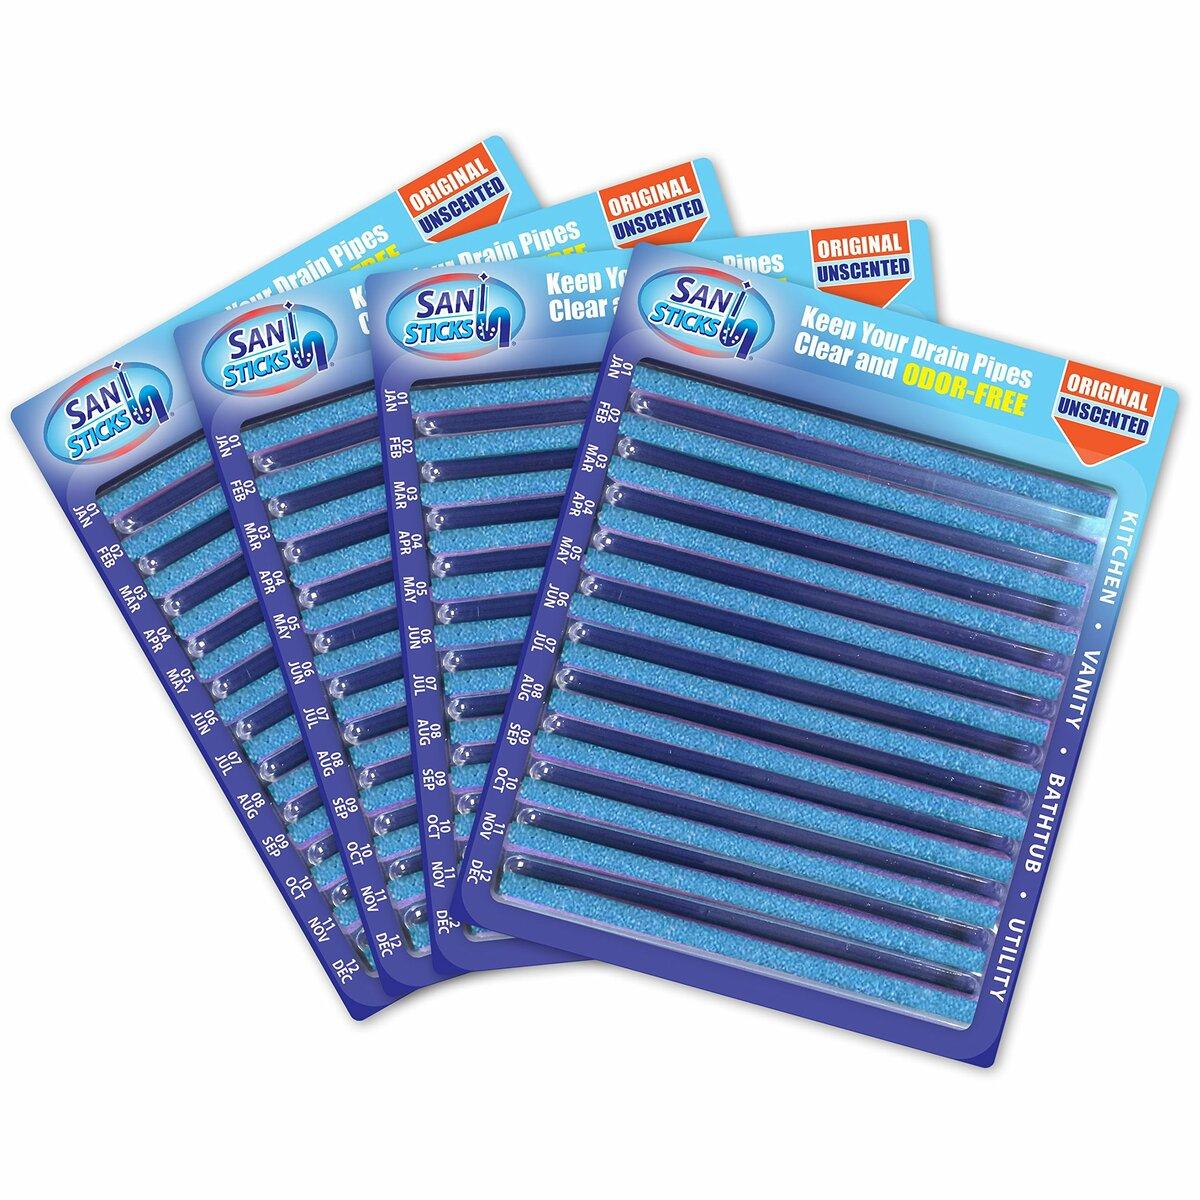 Sani Sticks - палочки от засора слива в Караганде